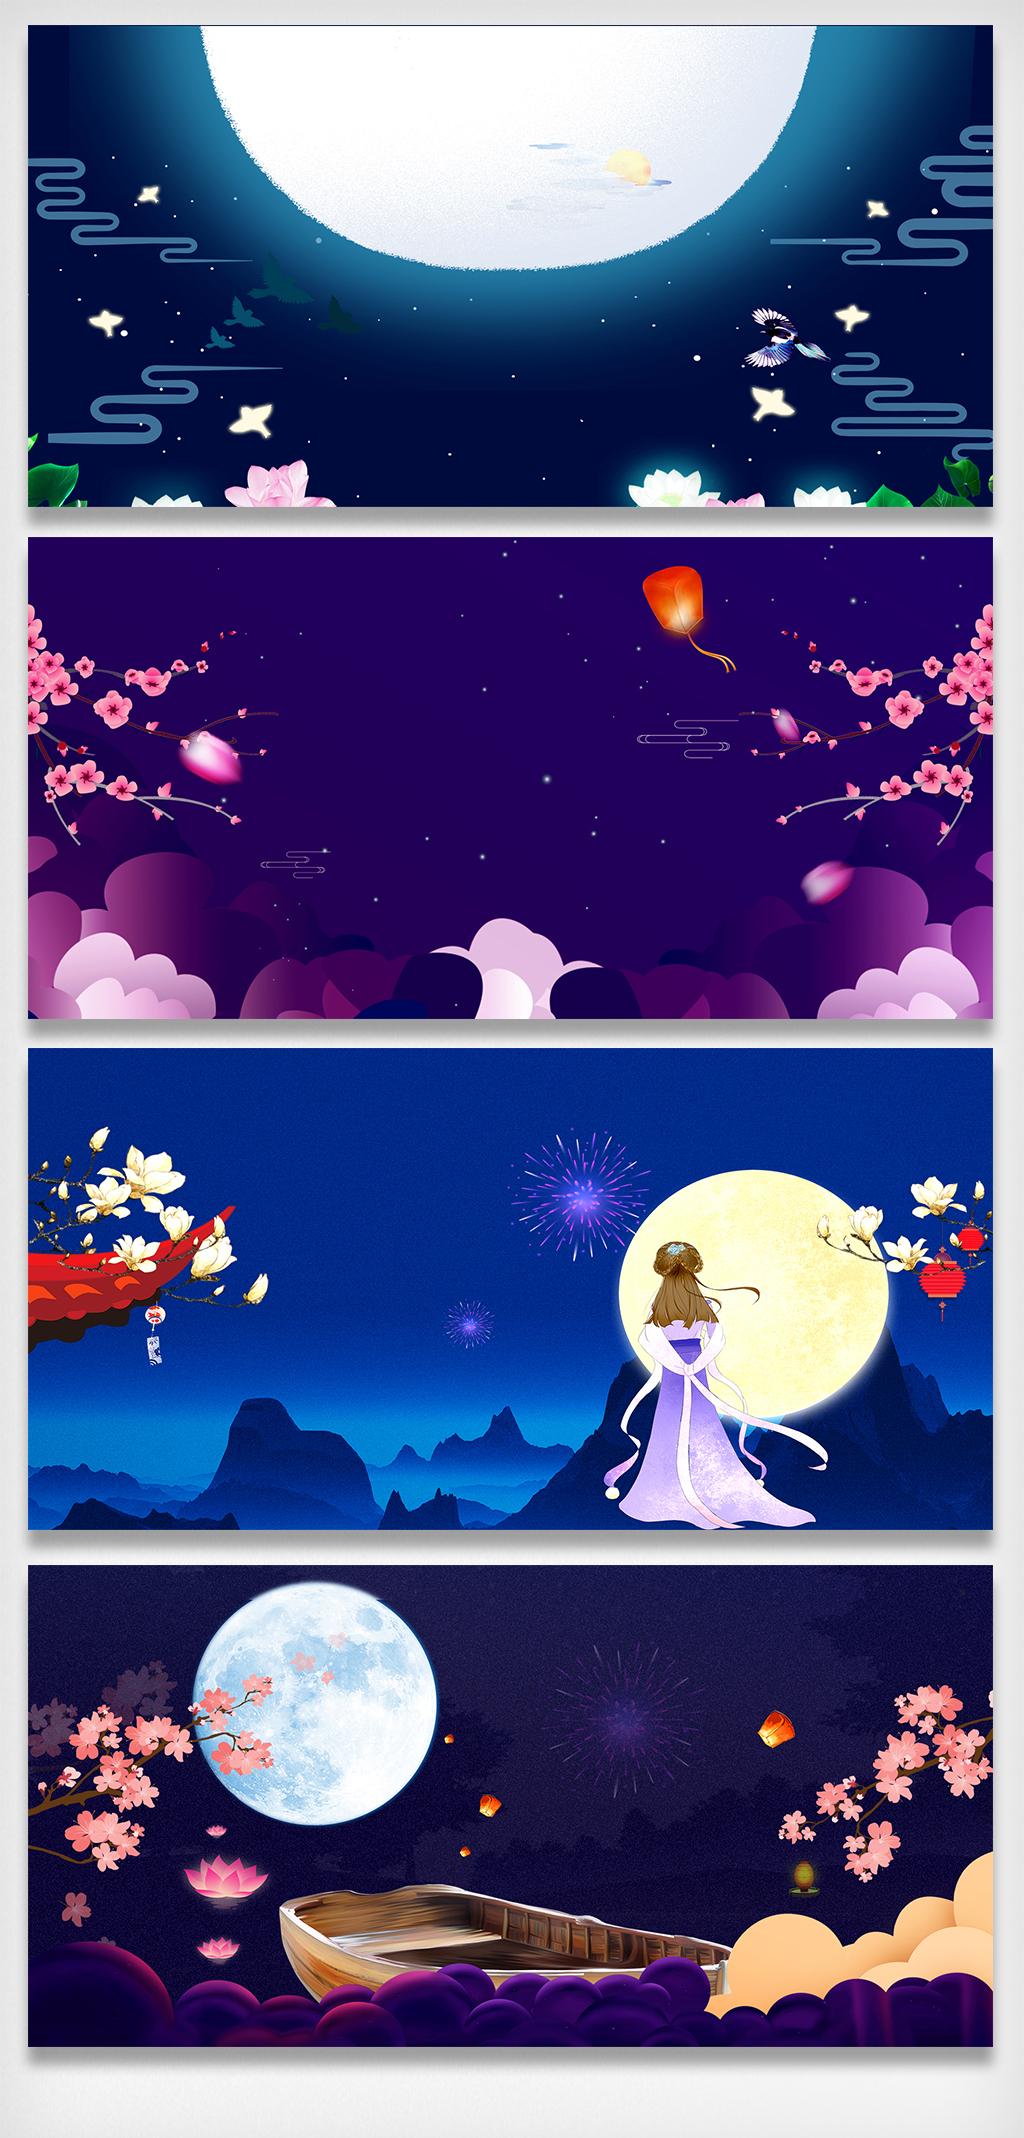 中秋节背景                                    中秋手绘